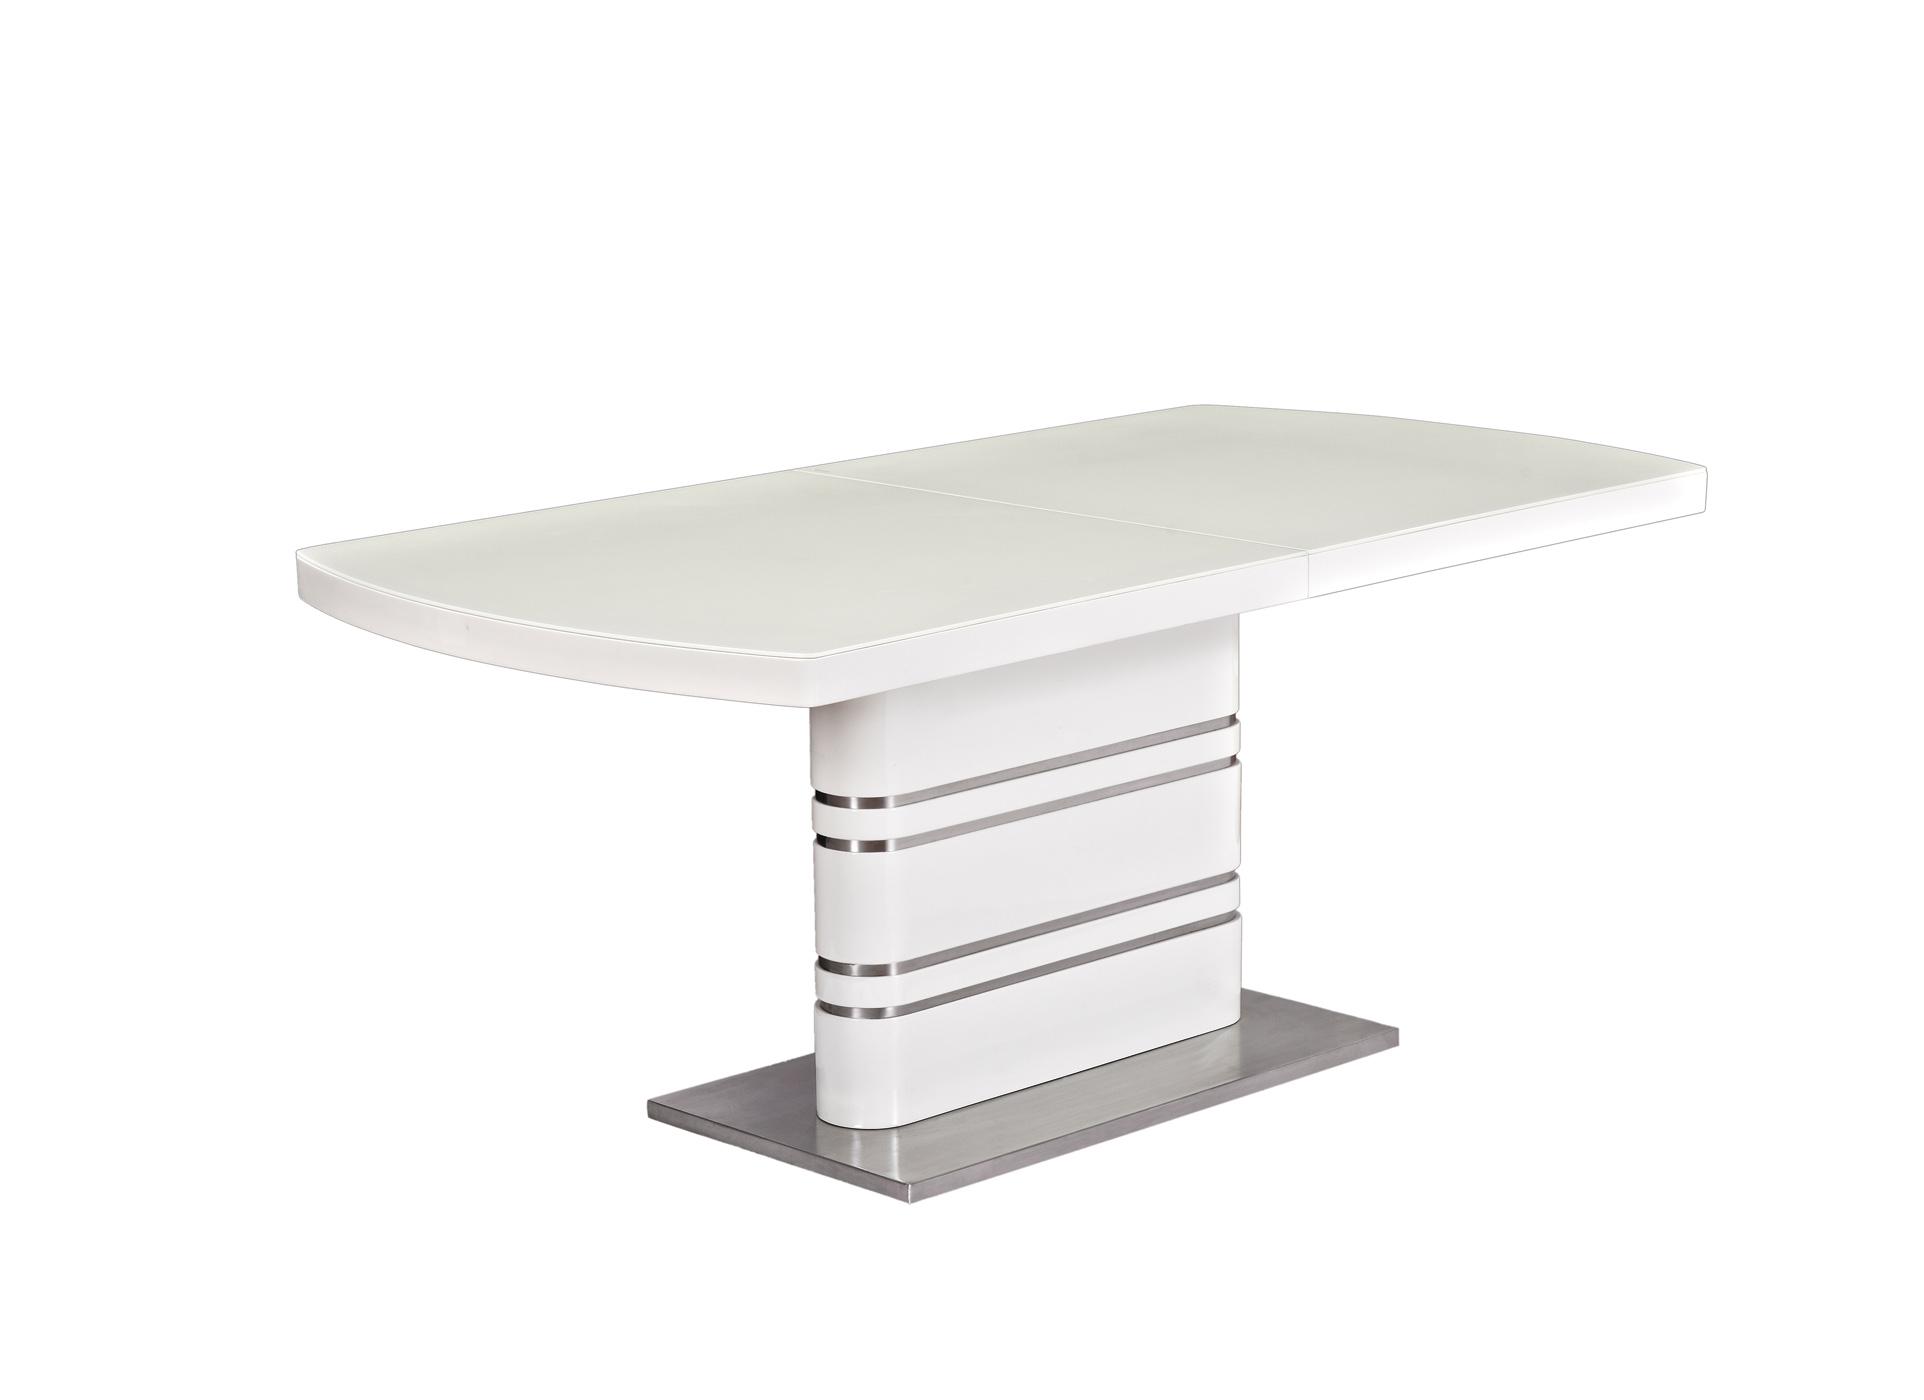 Signal Jedálenský stôl GUCCI stoly: 76 x 90 x 180 / 240 cm